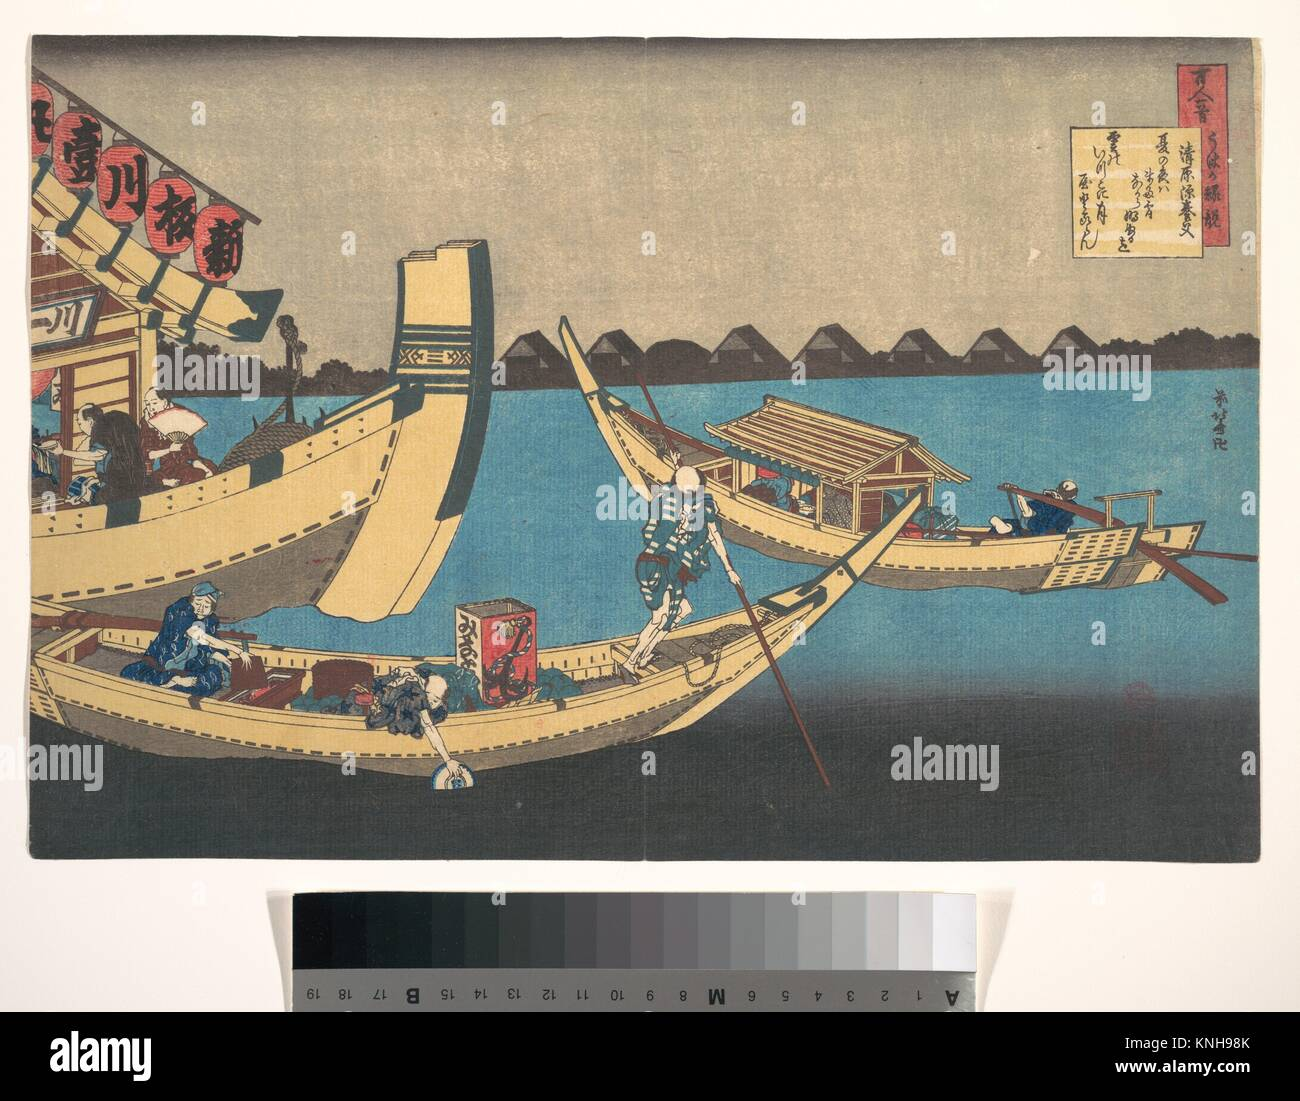 Gedicht von Kiyohara keine Fukayabu, aus der serie Hundert Gedichte erklärt sich durch die Krankenschwester (Hyakunin Salers-rind uba ga etoki). Künstler: Katsushika Hokusai Stockfoto